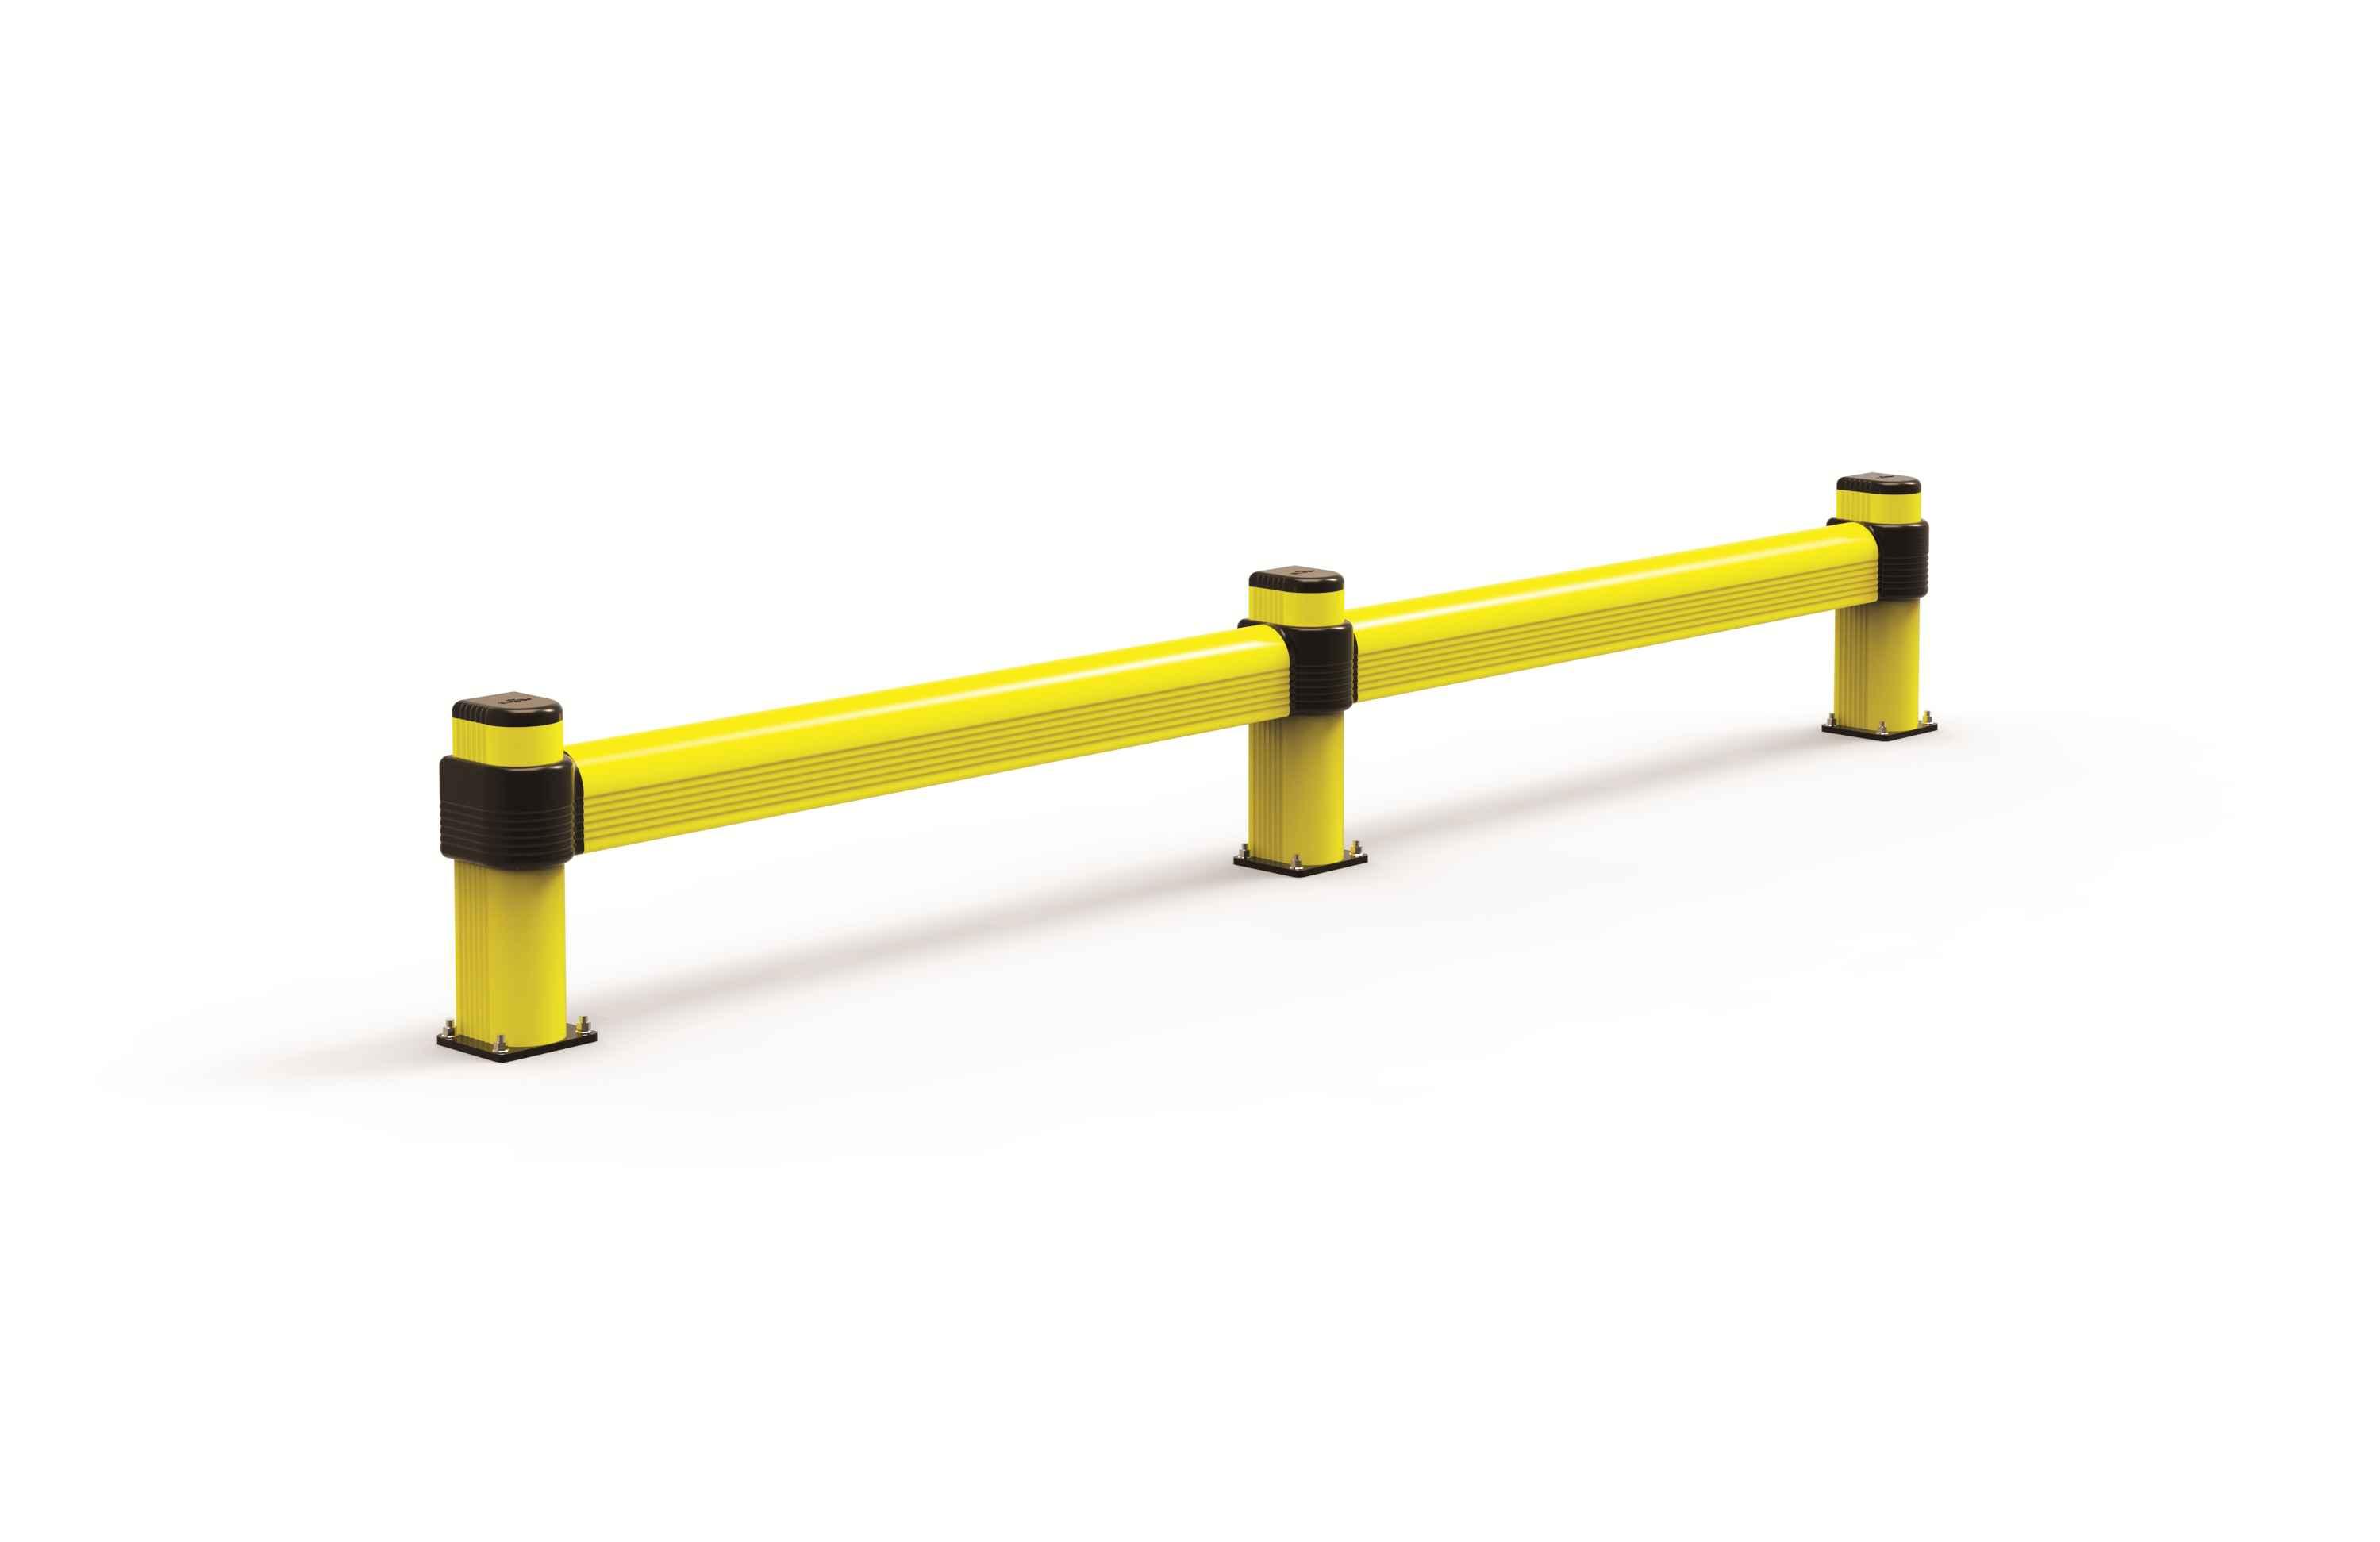 Modułowa elastyczna pojedyncza odbojnica szynowa L 500 mm x mb